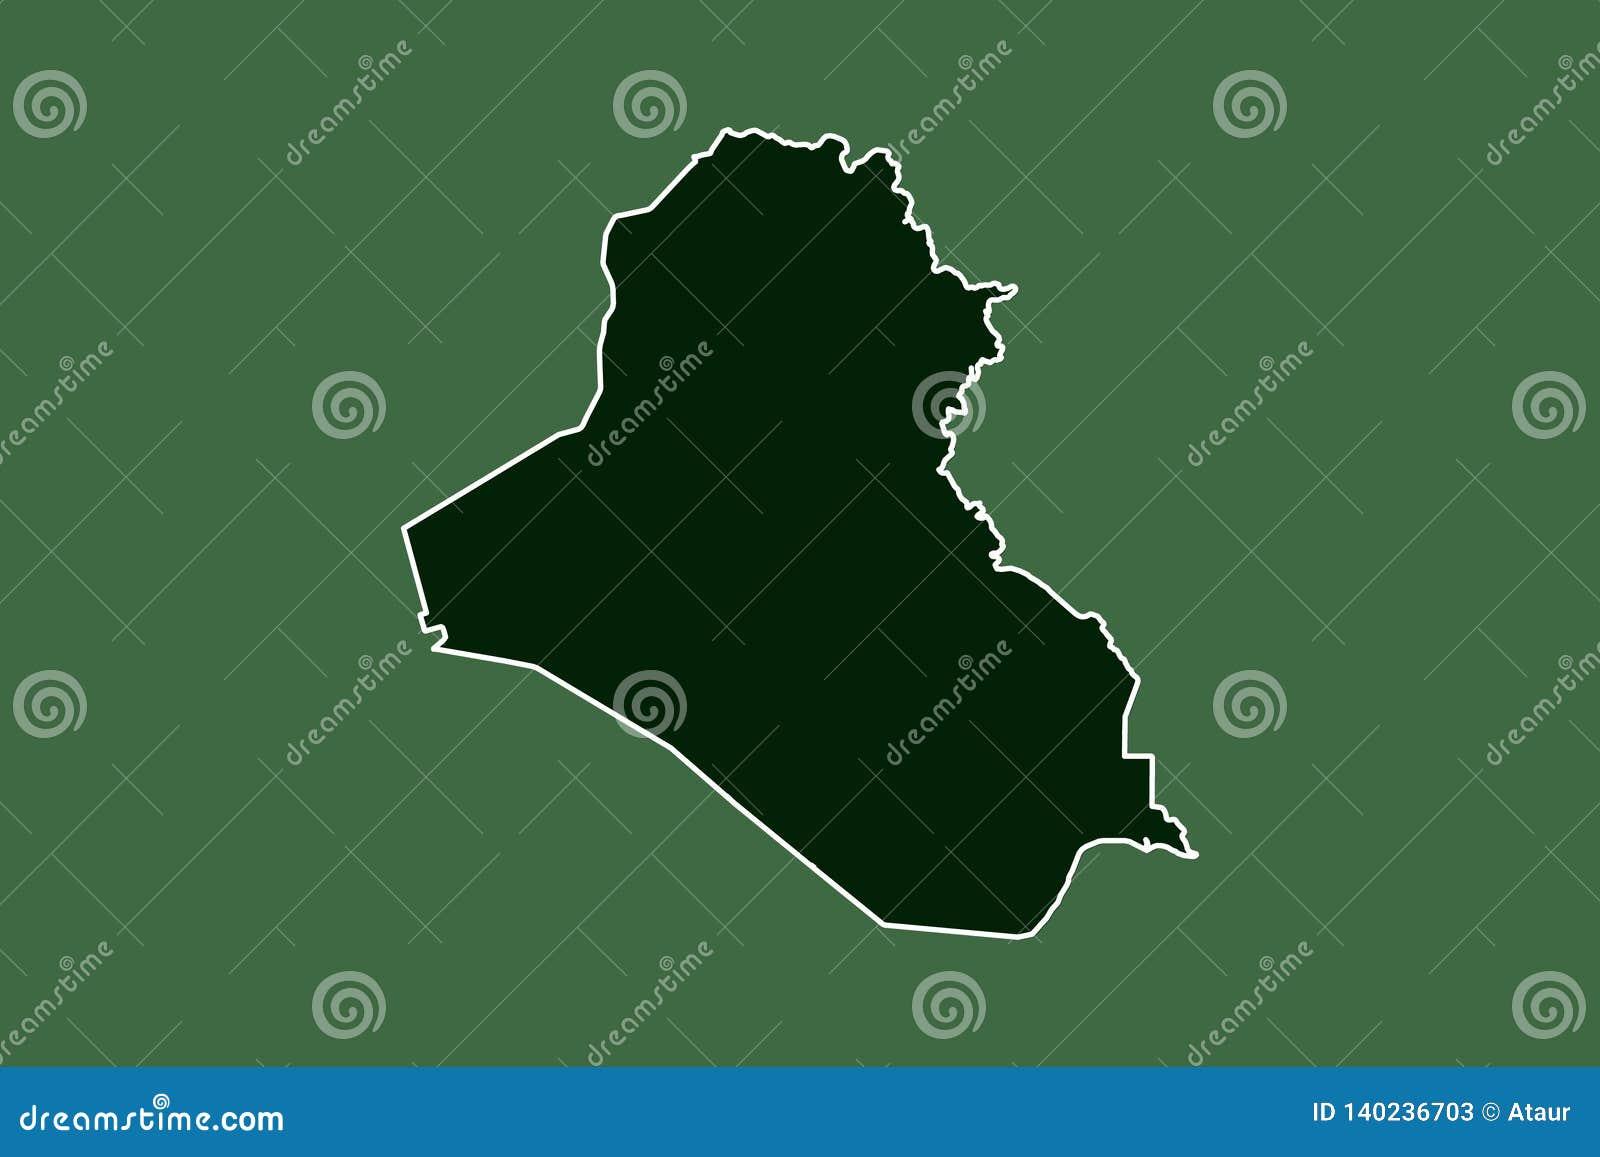 Der Irak-Vektorkarte mit einzelner Grenze Grenze unter Verwendung des grüne Farbbereichs auf dunkler Hintergrundillustration